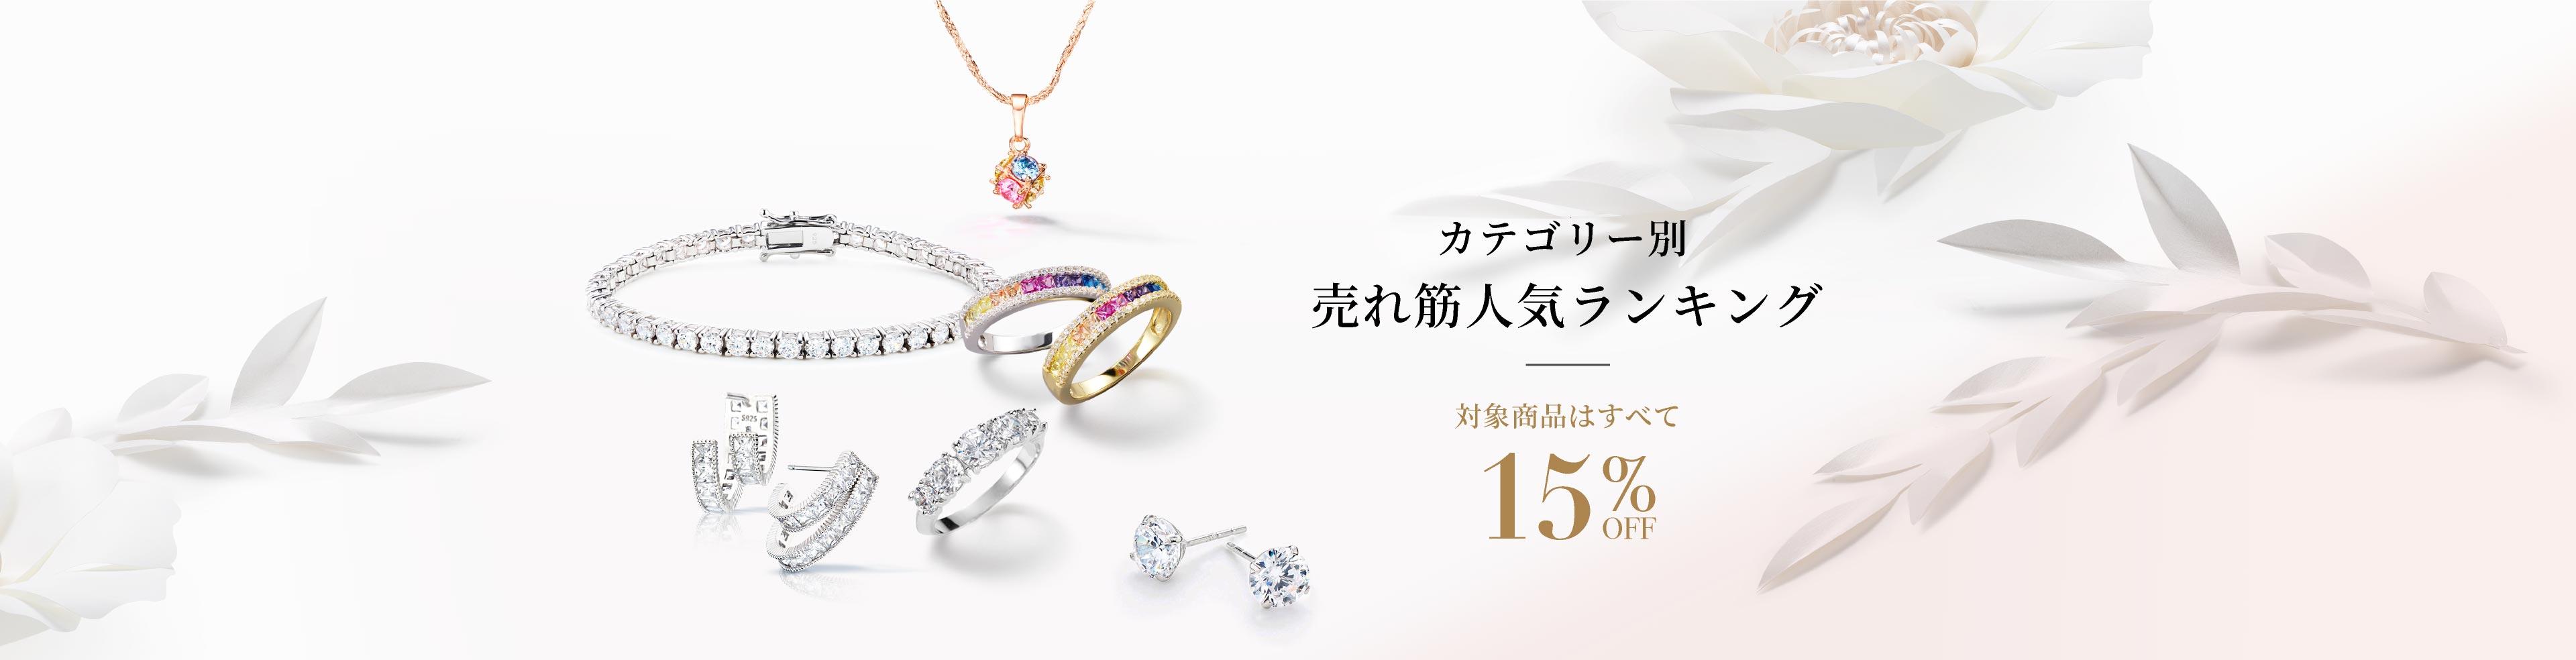 1万5千円ジュエリー 15周年 感謝セール 2019 ニューヨークからの贈り物